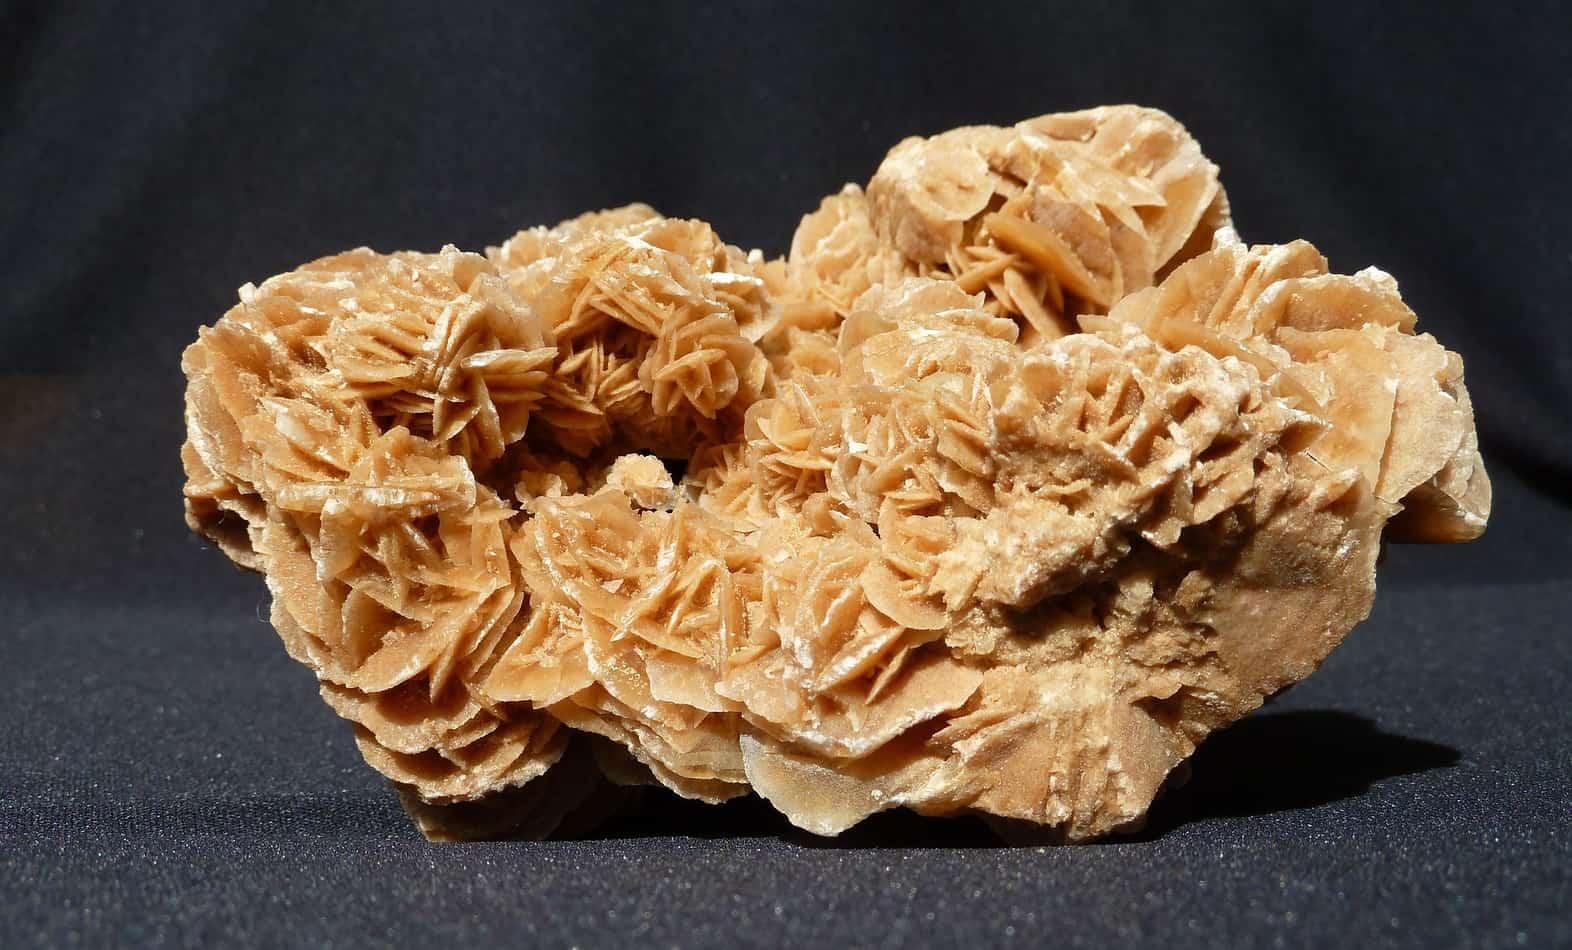 woestijnroos kopen edelstenen blog d website over edelstenen en mineralen. Black Bedroom Furniture Sets. Home Design Ideas